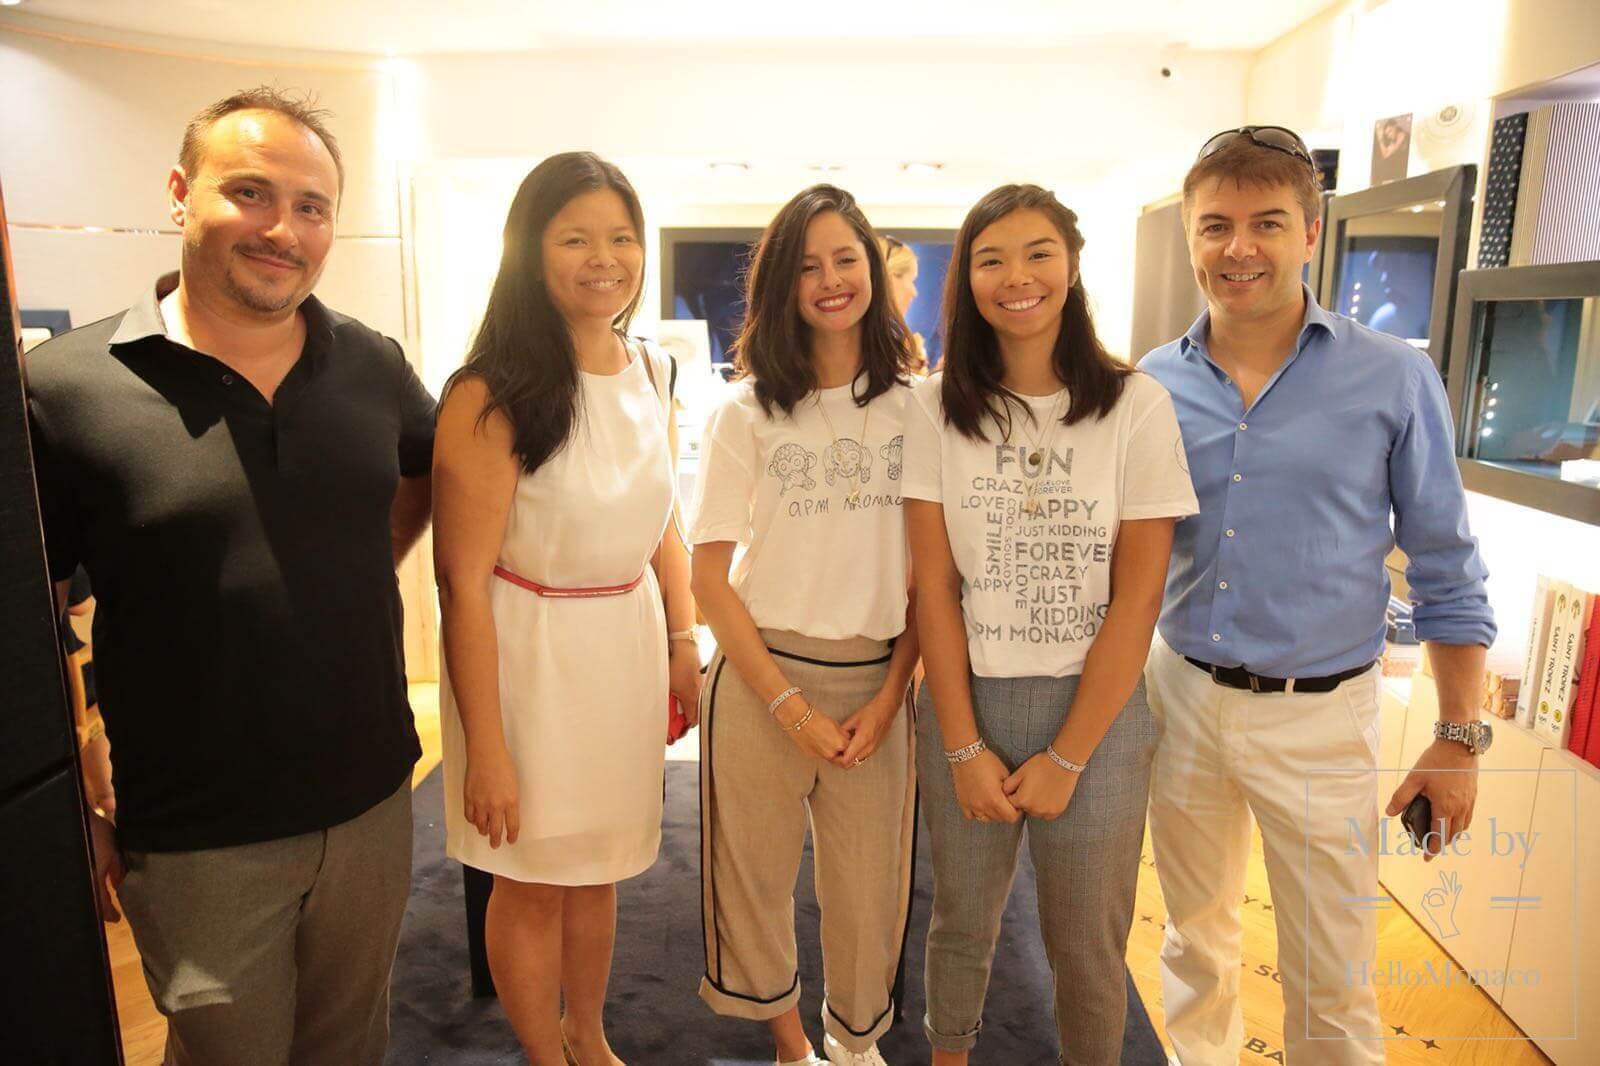 Ювелирный бренд APM Monaco впервые заключил партнерство со спортсменкой